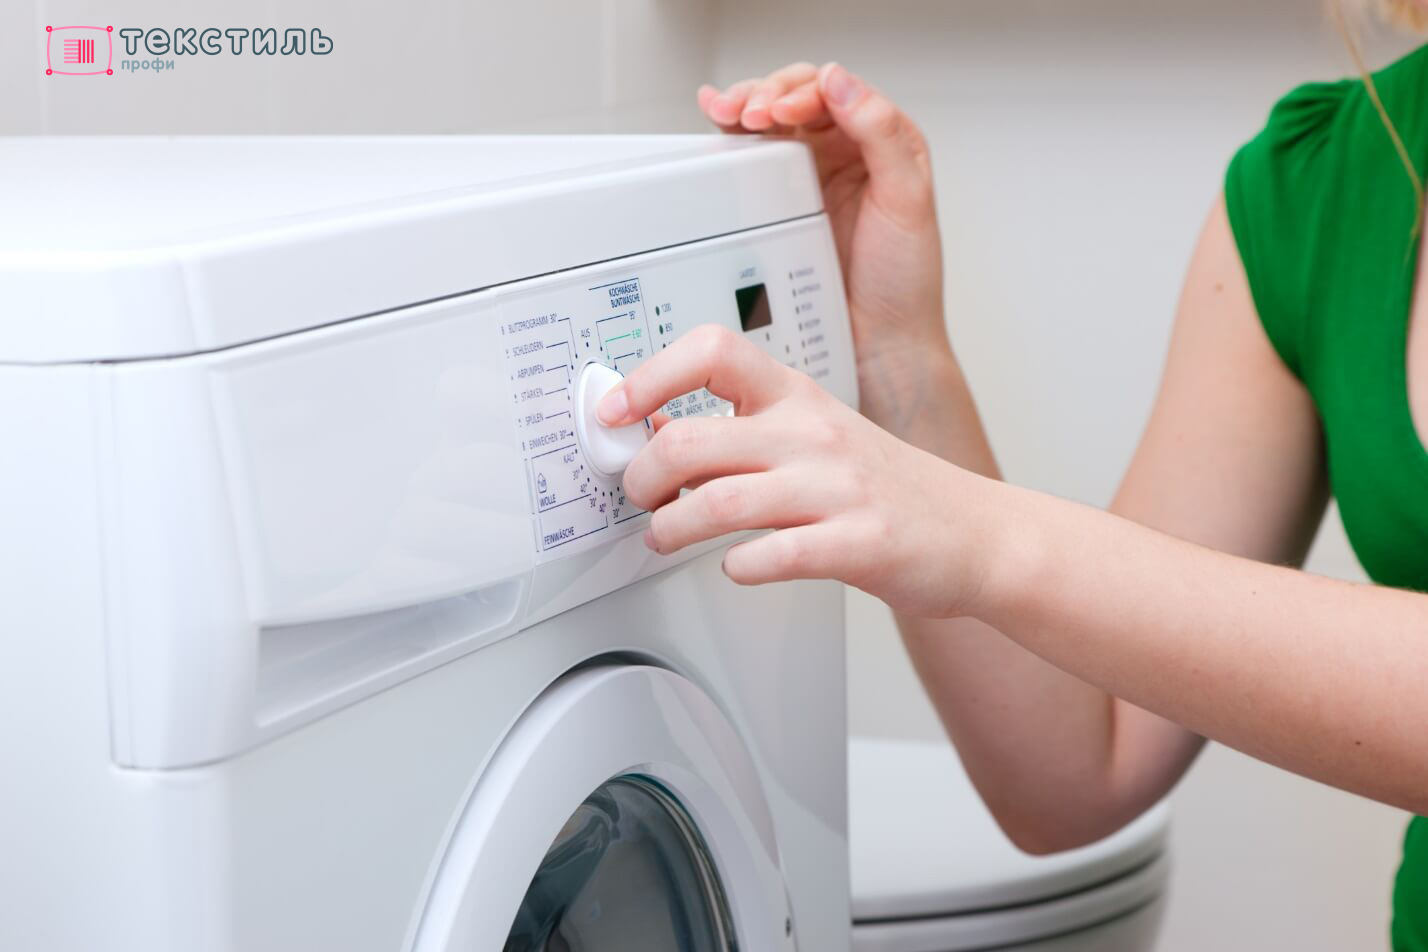 Бязевый комплект постельного белья: дешево и без нареканий